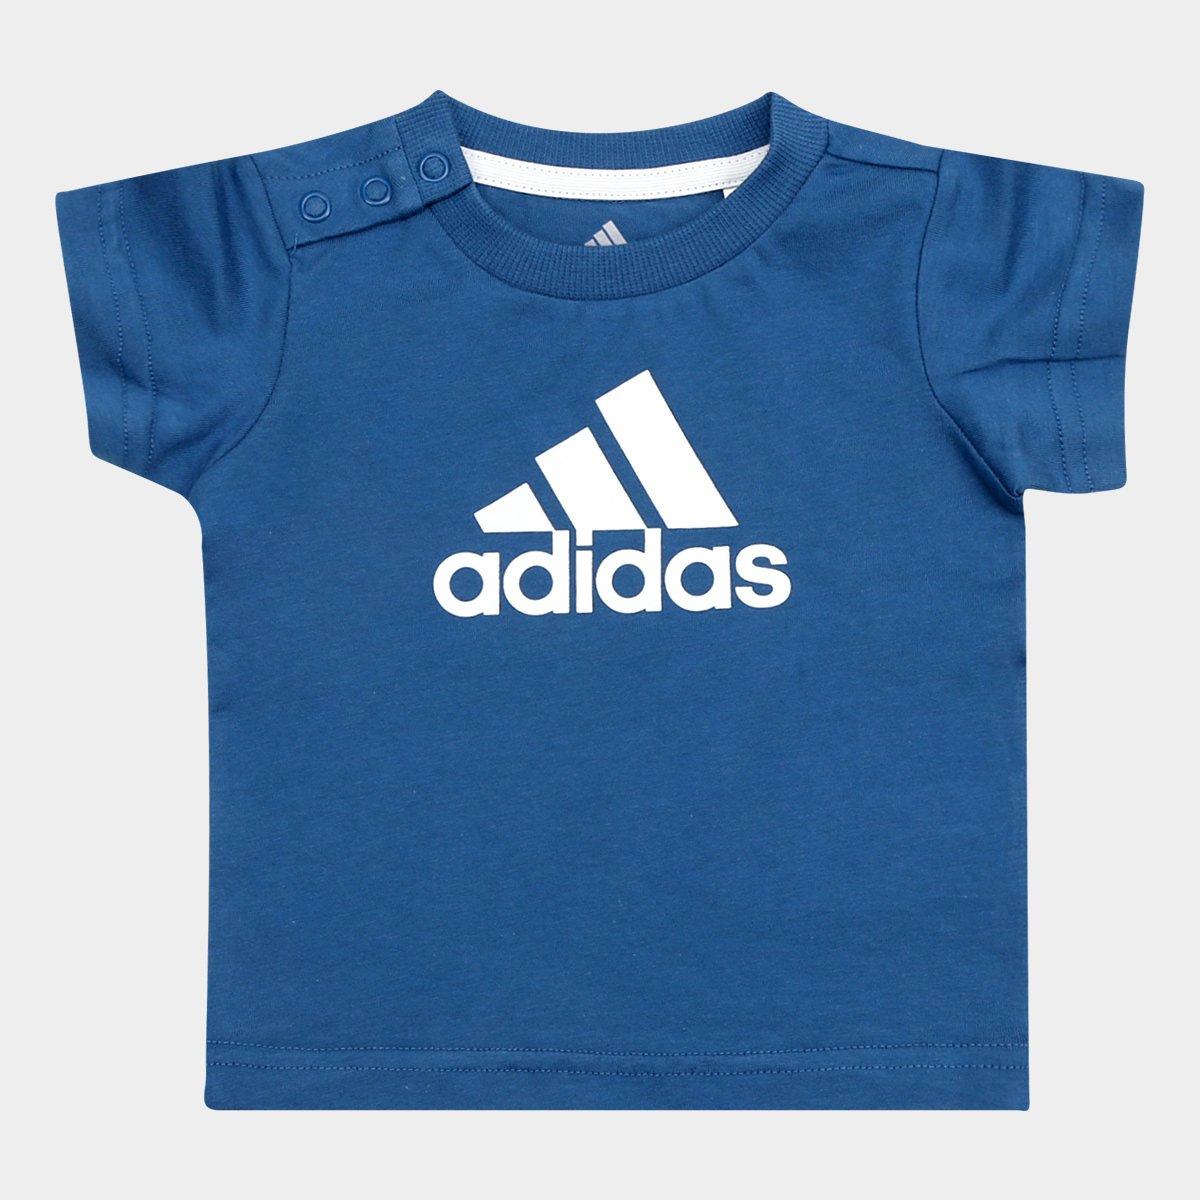 f34eea66148 Camiseta Infantil Adidas I Fav Tee Baby - Compre Agora